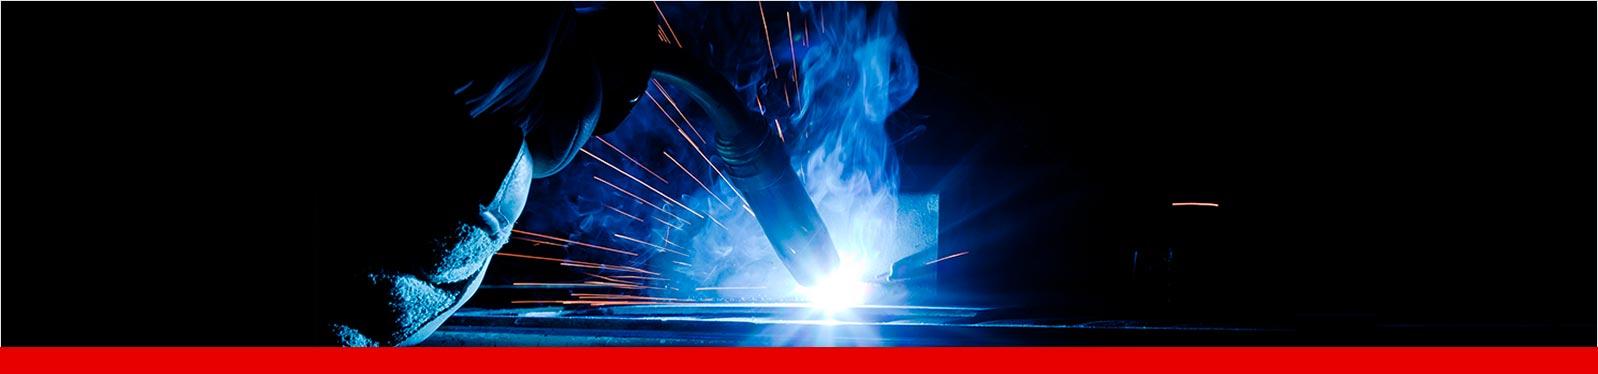 Das MIG MAG Schweißen ist ein sehr effizientes Schweißverfahren, weil hier hohe Arbeitsgeschwindigkeiten erreicht werden.